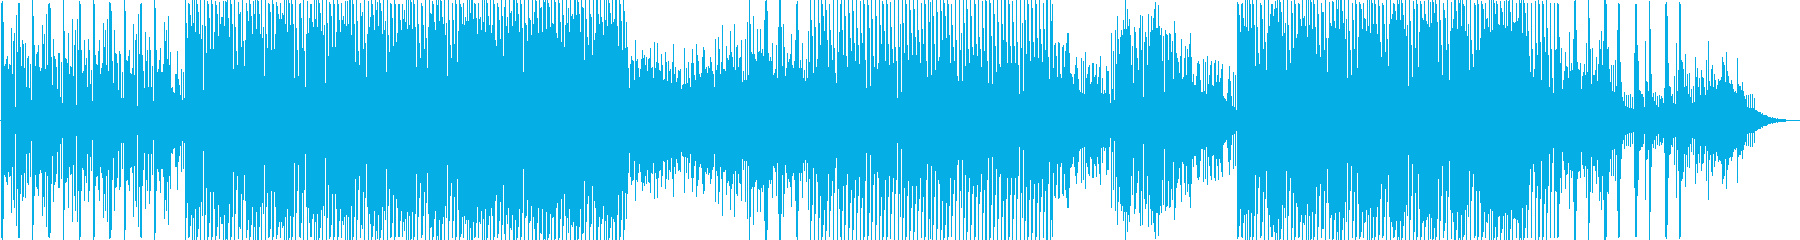 瑞々しくナチュラルなアンビエントの再生済みの波形